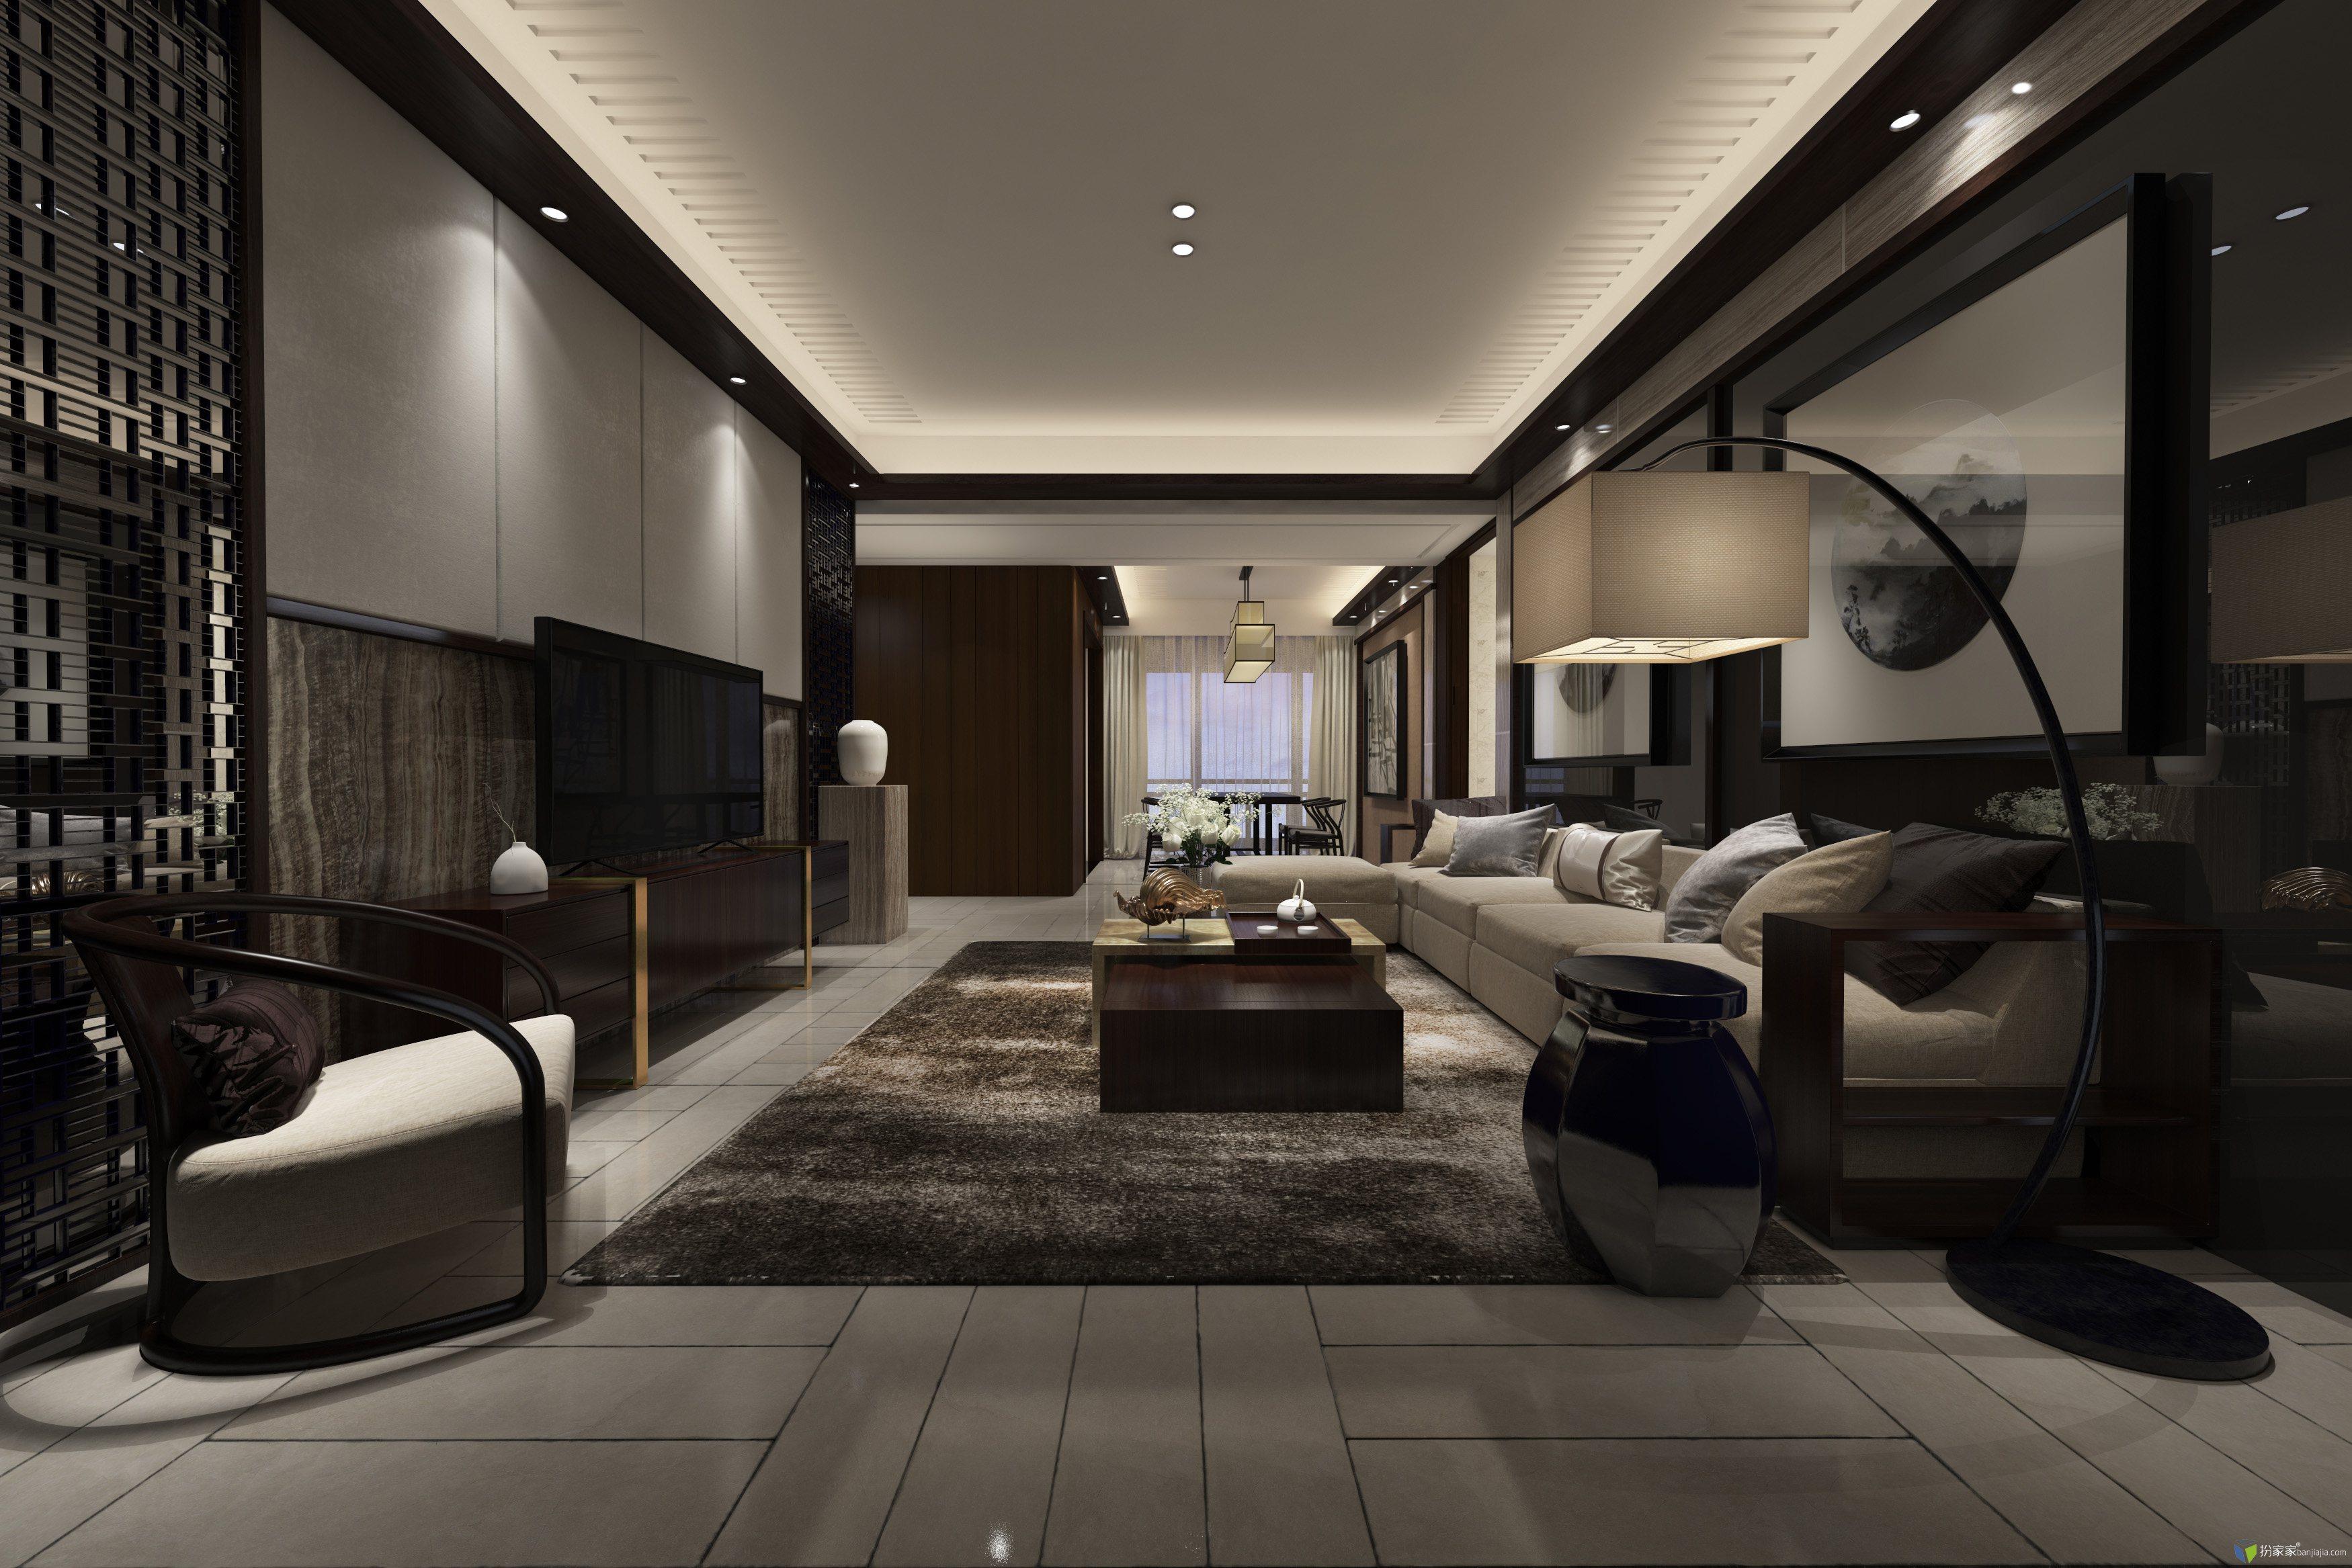 中式空间写实渲染 - 扮家家室内设计网